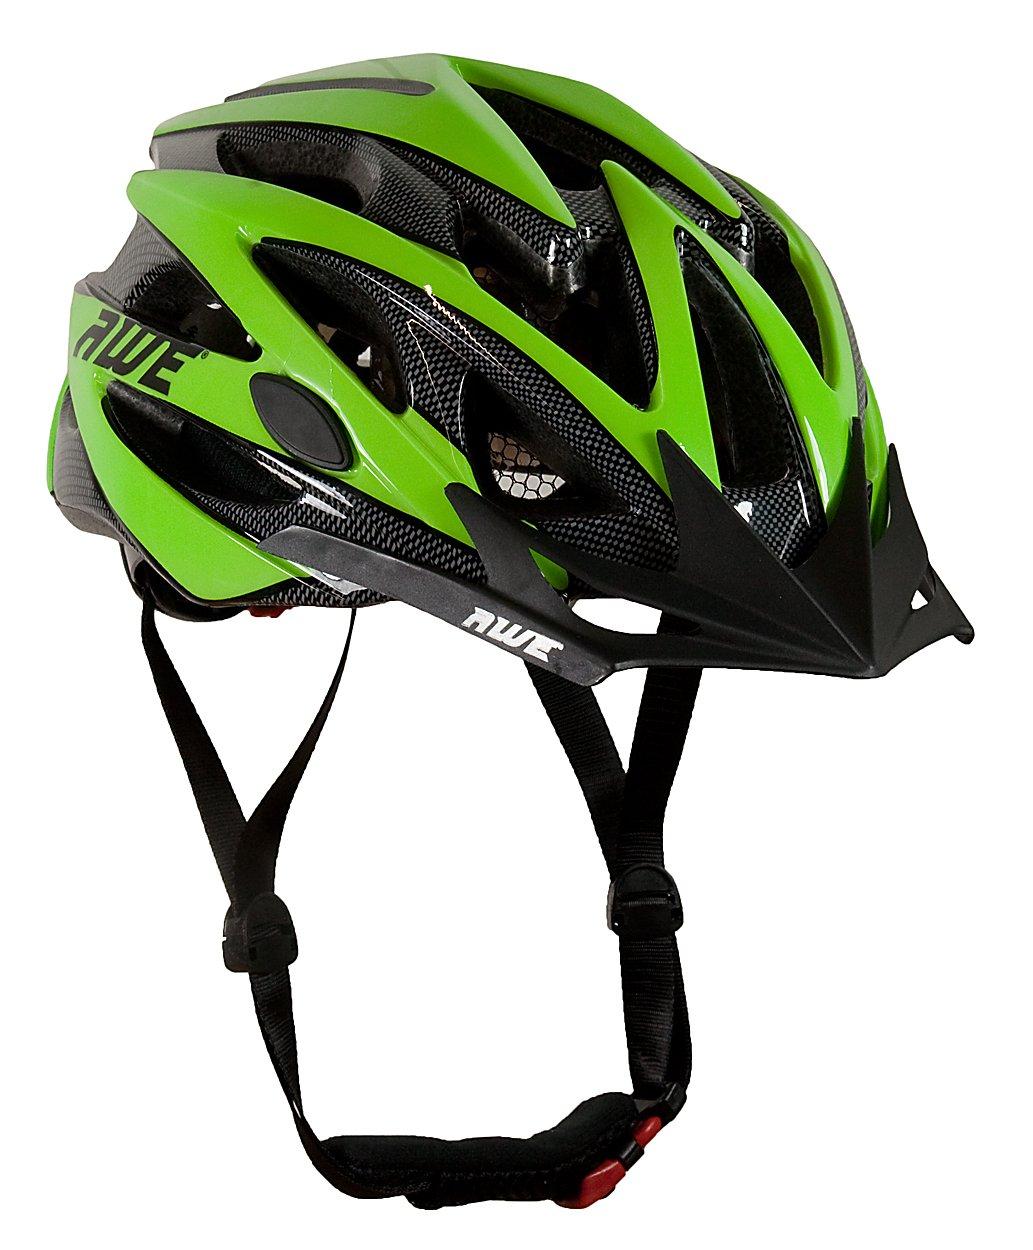 <p>Casco para bicicleta de color negro/verde. Talla 56-58cm. Multiuso</p>